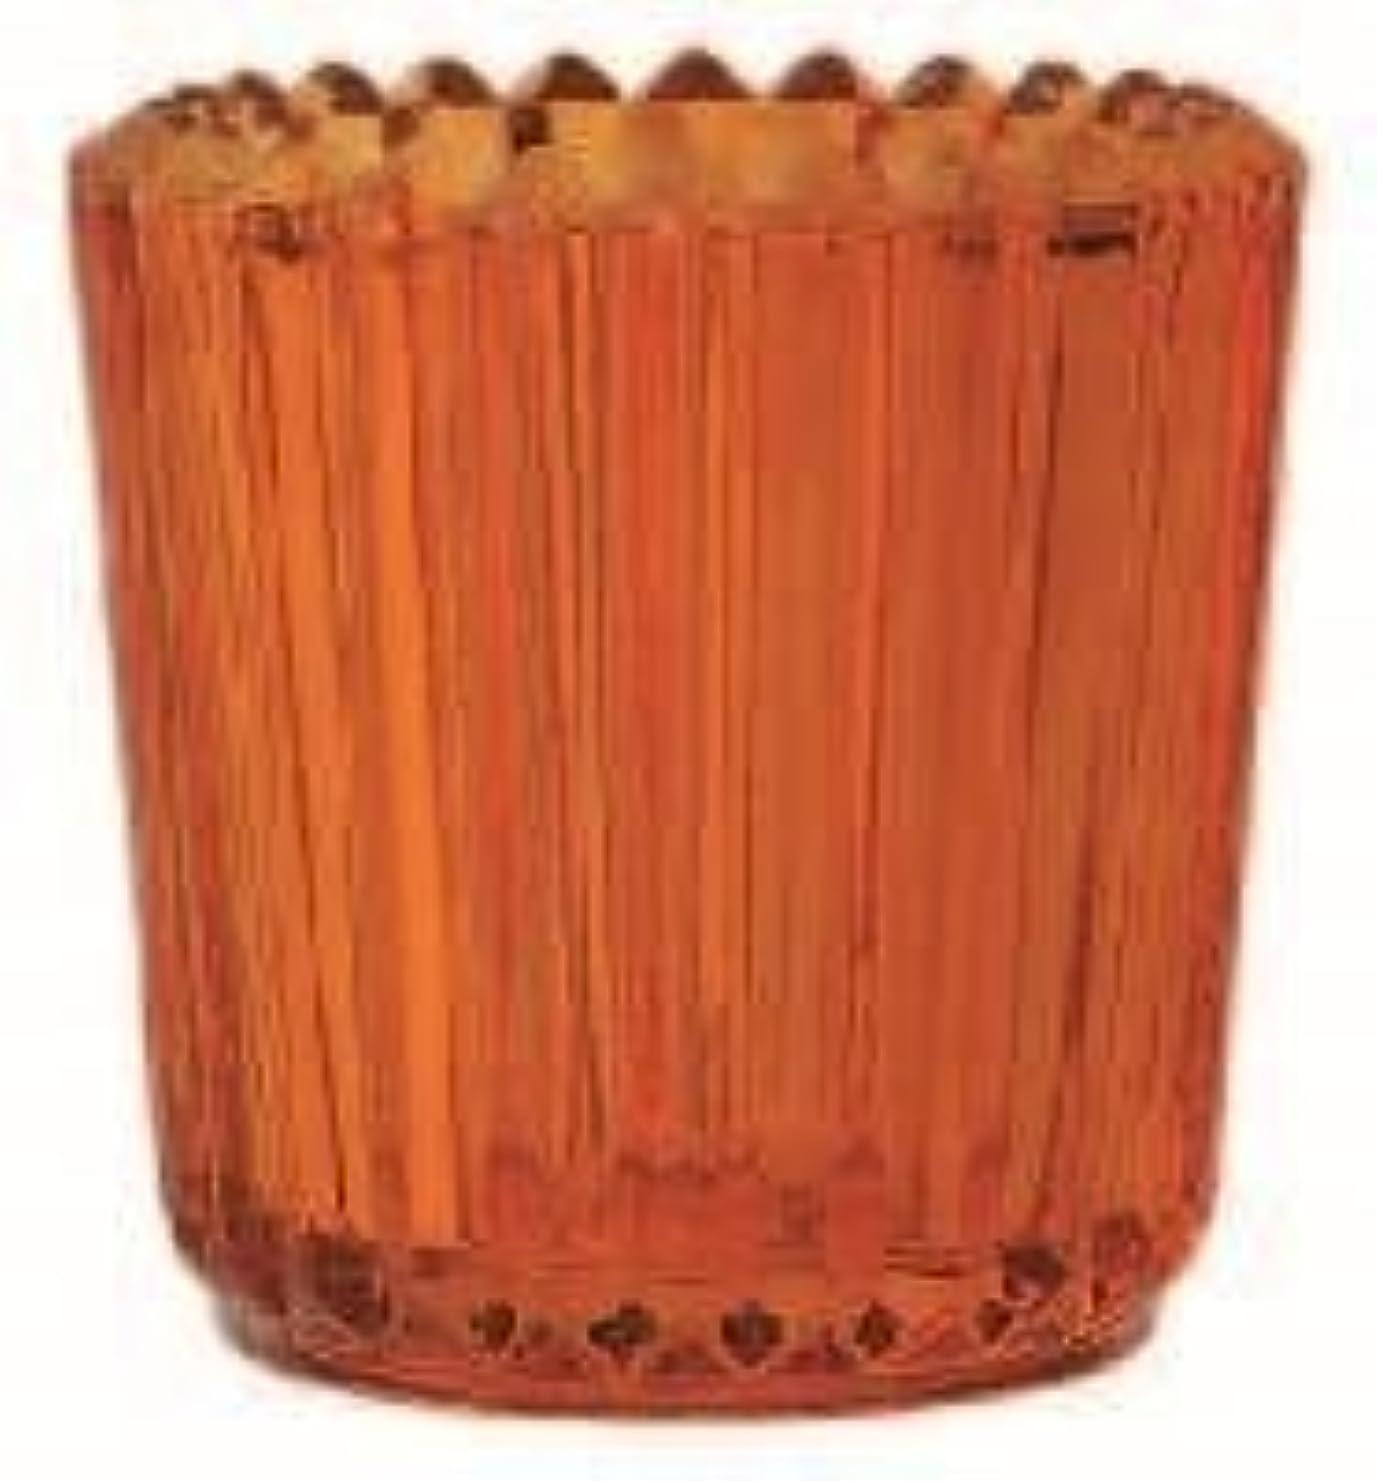 実行可能ハンマー鉛kameyama candle(カメヤマキャンドル) ソレイユ 「 オレンジ 」(J5120000OR)